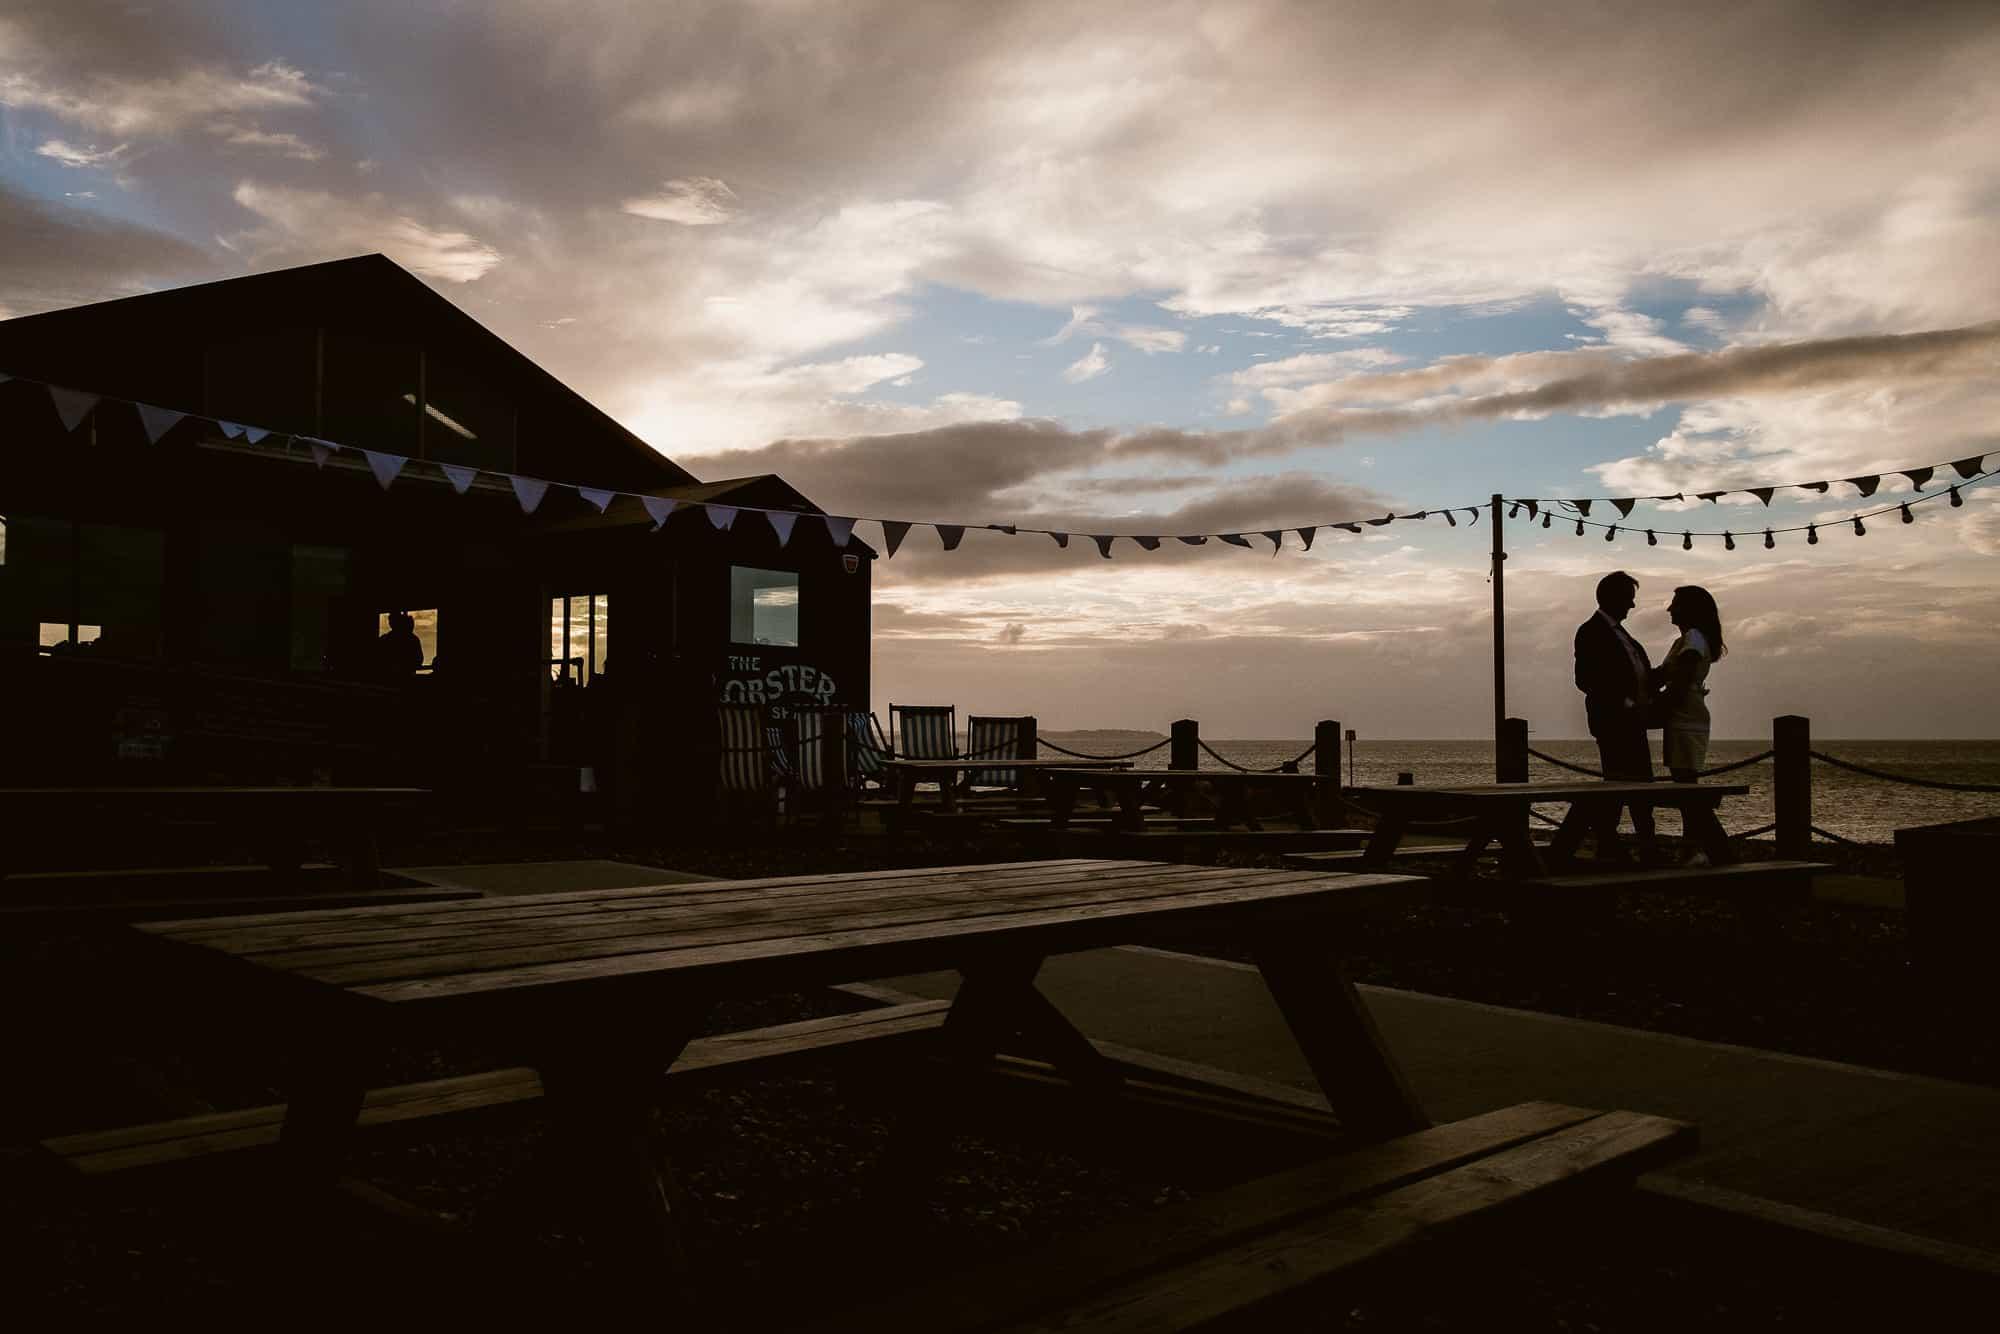 east-quay-wedding-photography-matt-tyler-0080